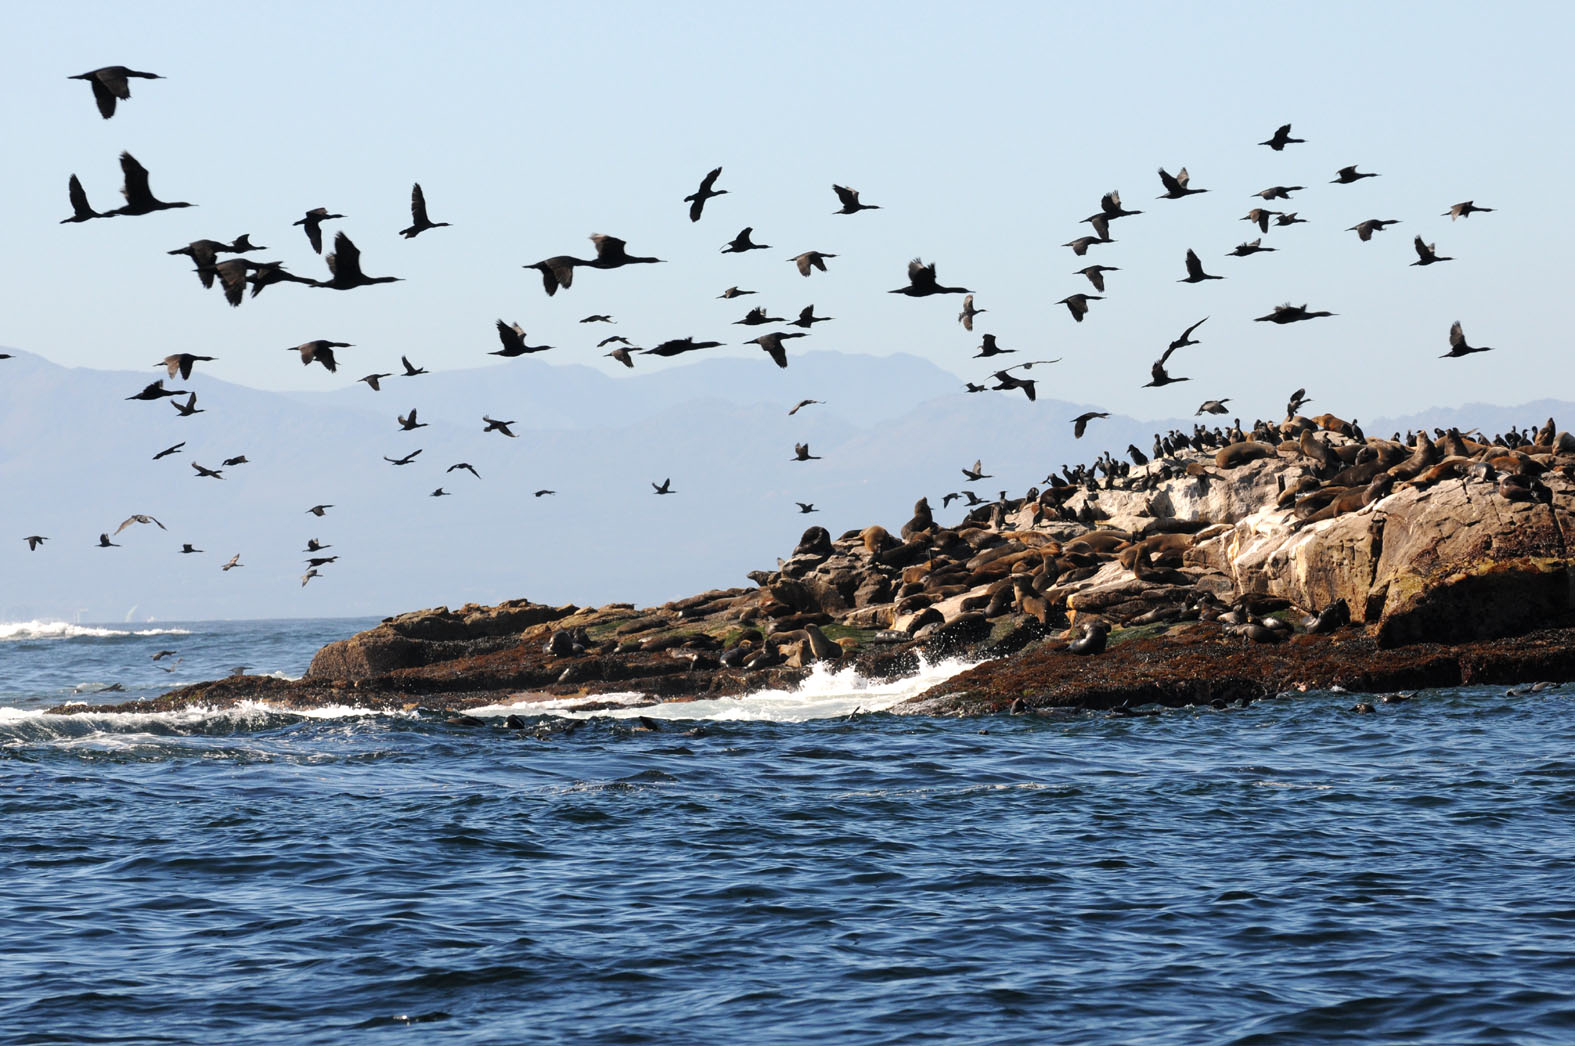 foto: Tom van der Leij van zee met vogels in Zuid-Afrika